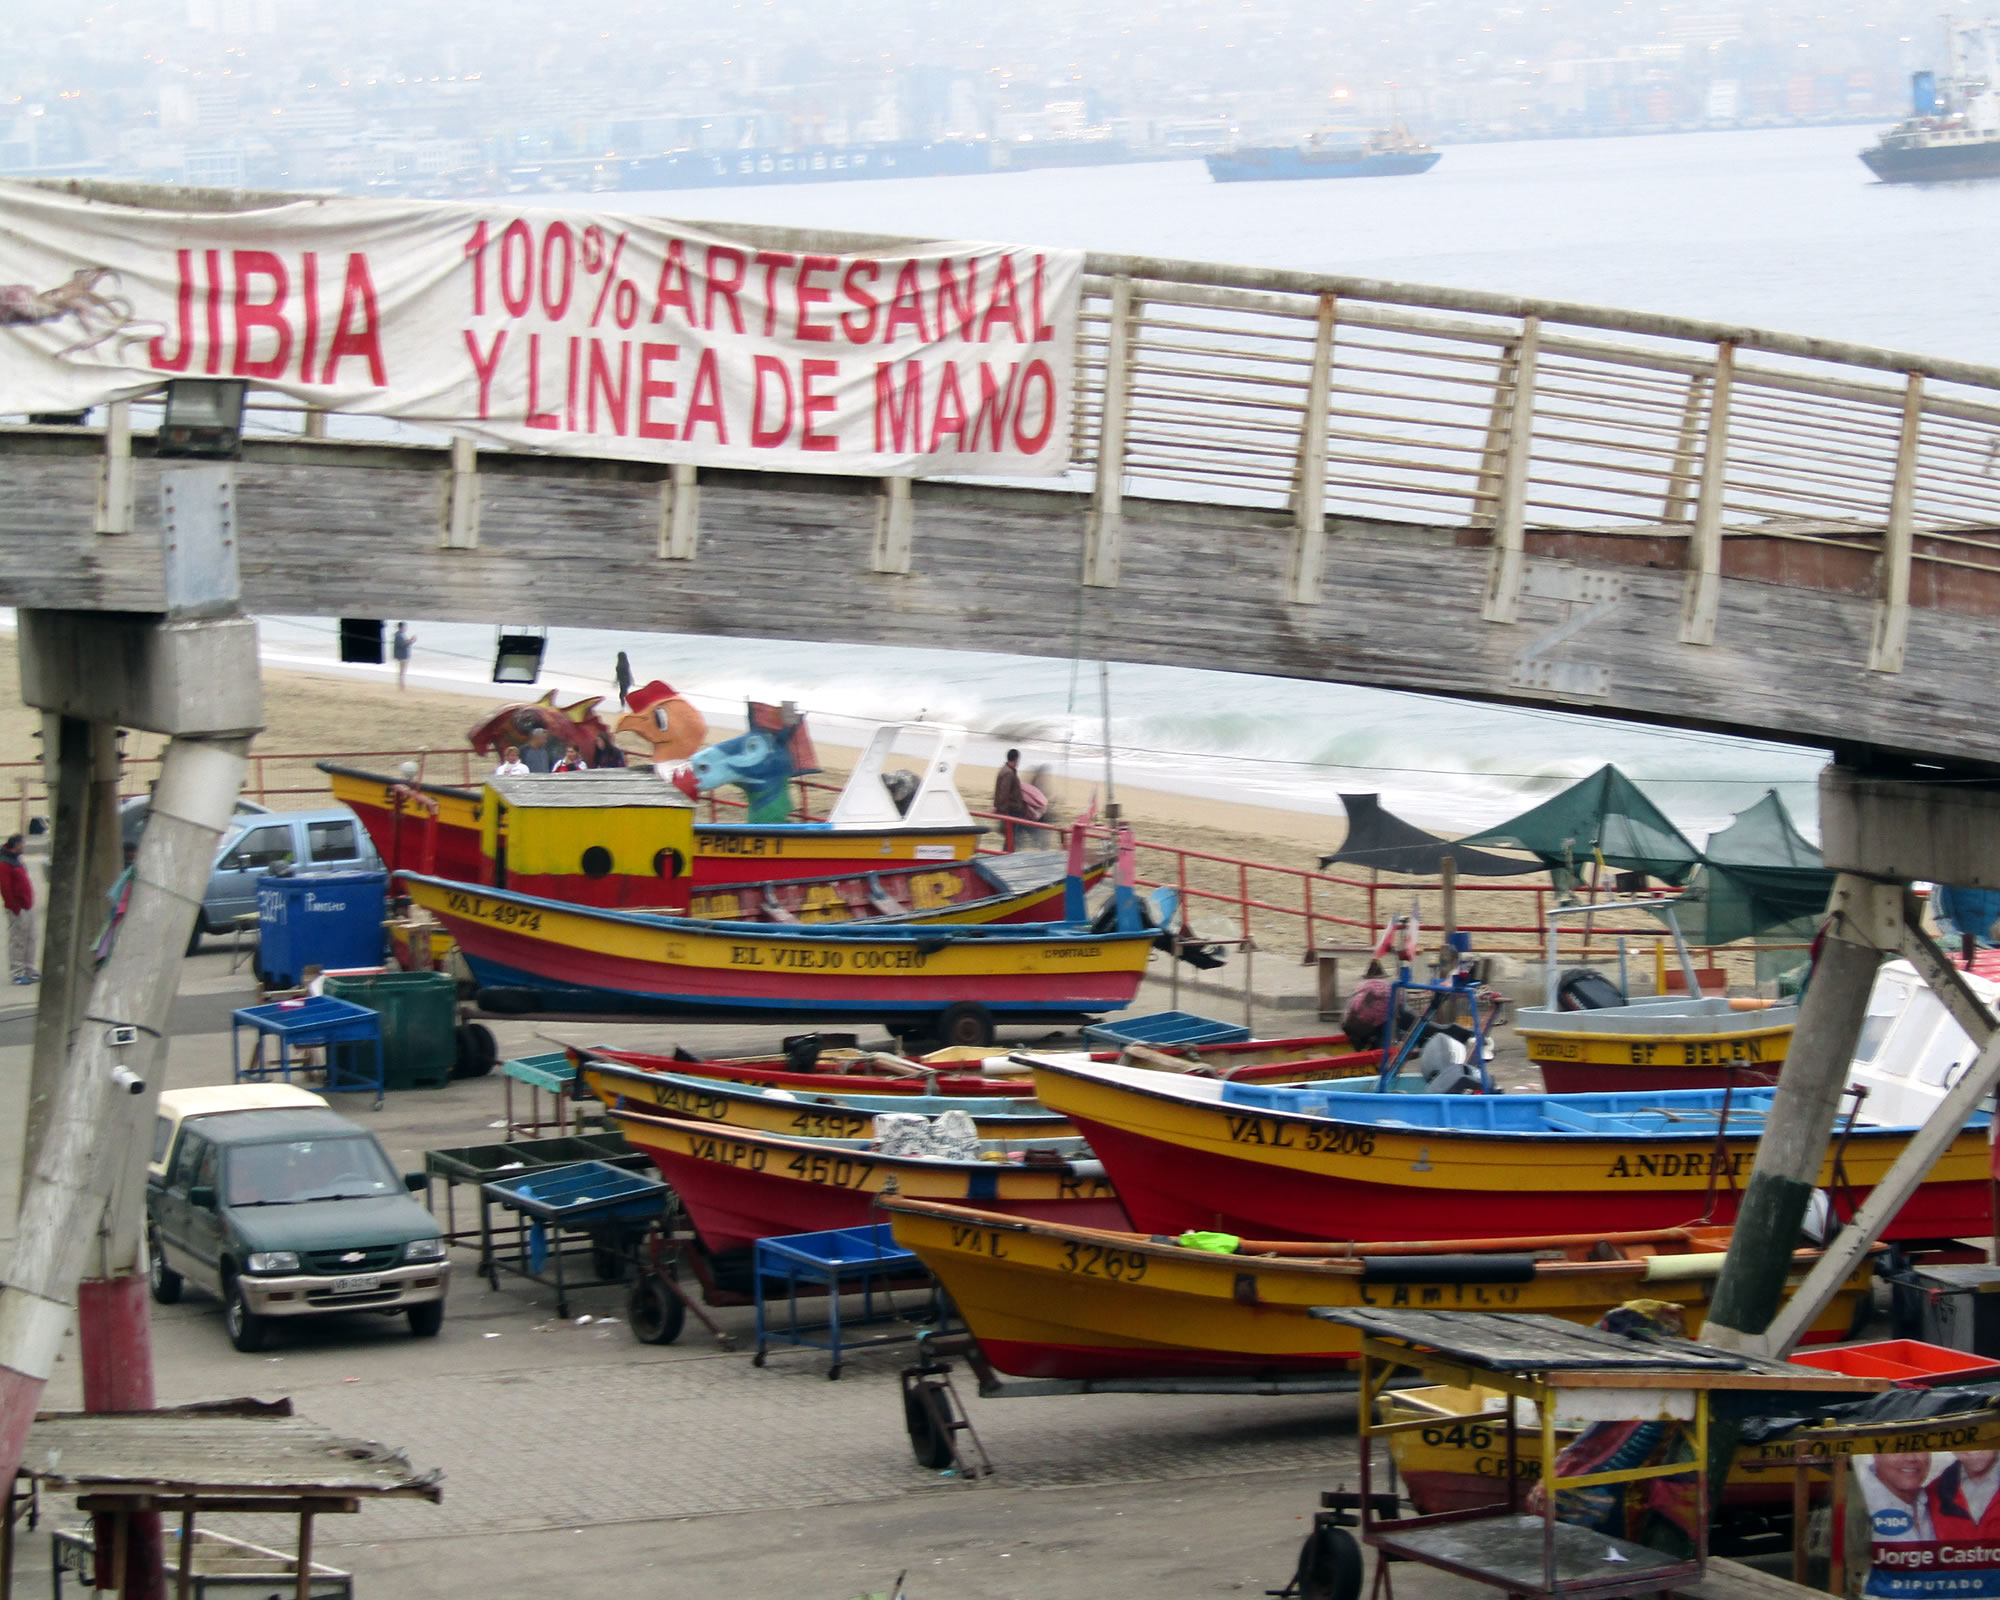 Pescadores de Valparaíso también están en contra de las modificaciones por Ley Corta de Pesca